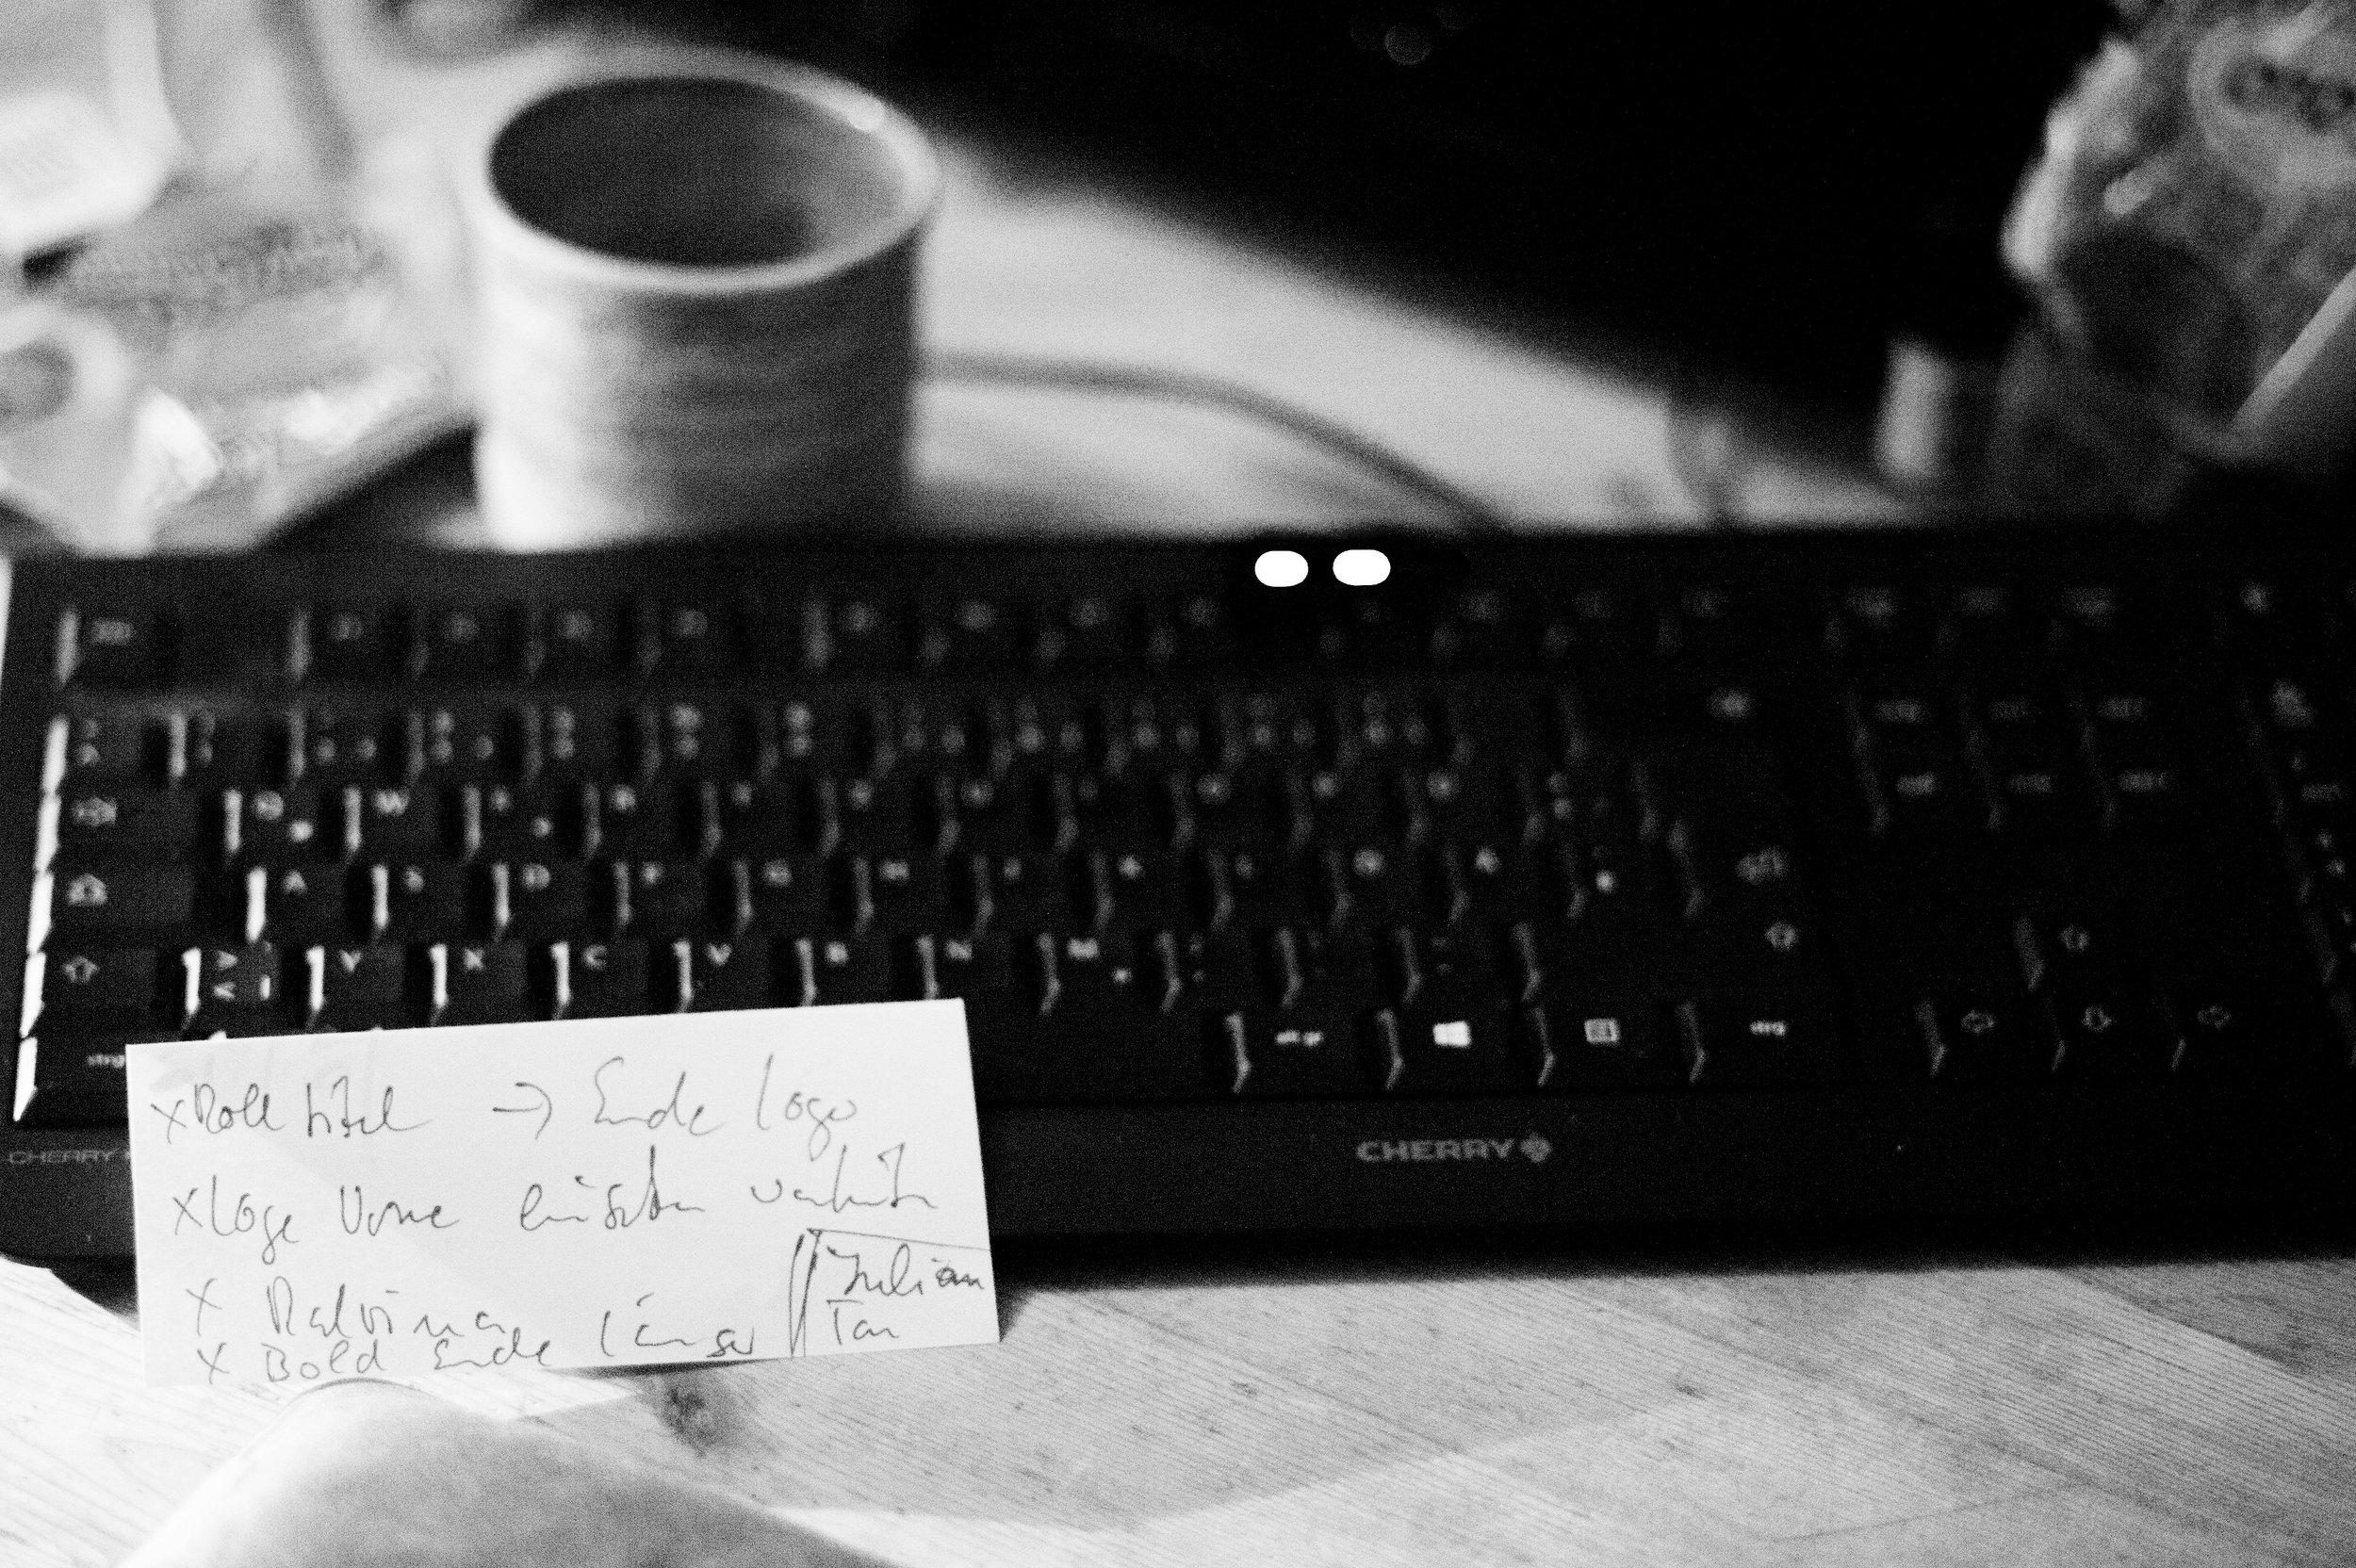 Notes was noch zu tun ist.